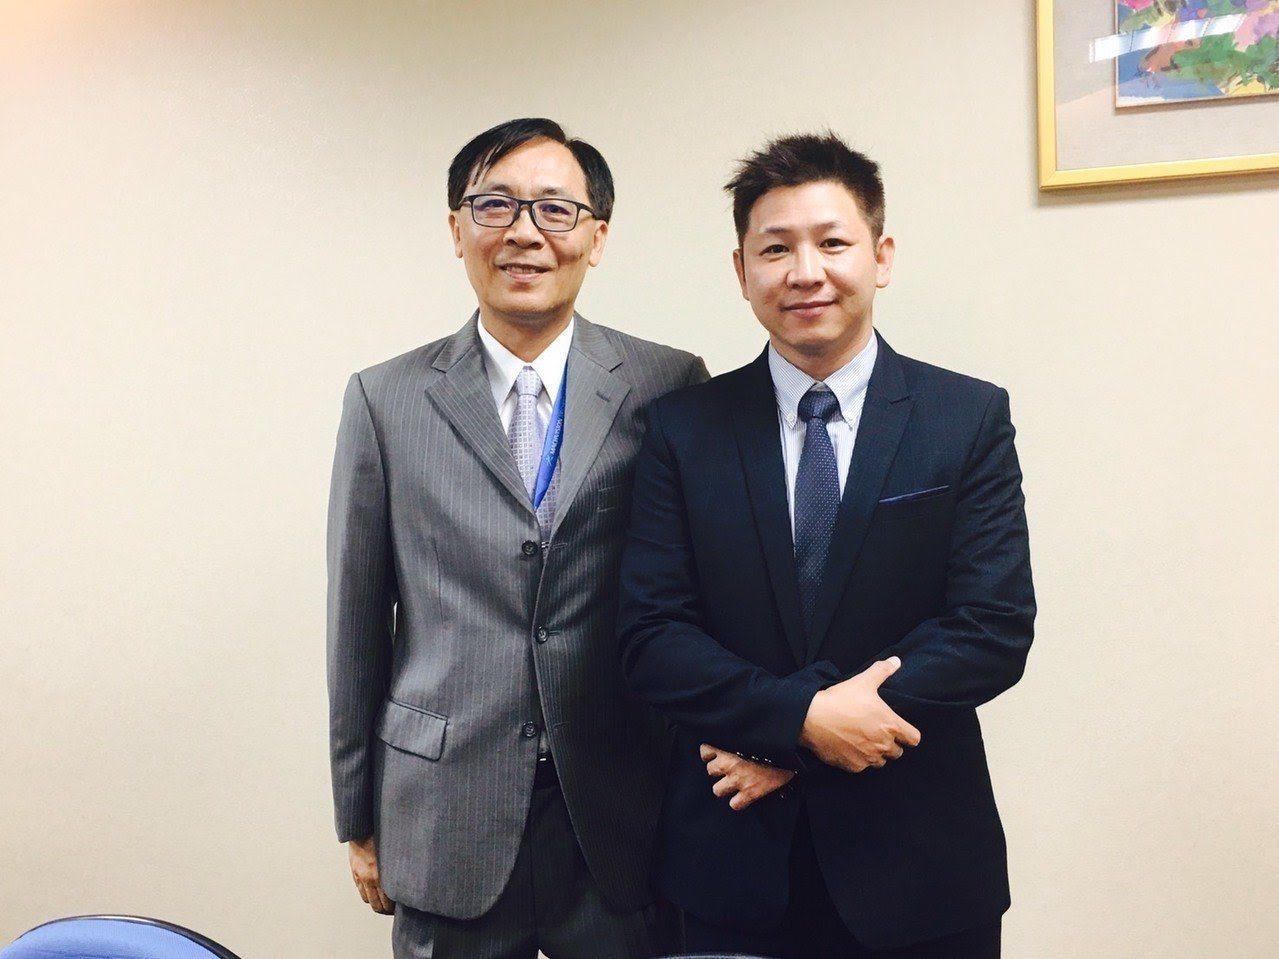 牧德首季獲利創歷年同期新高,圖為牧德董事長汪光夏與總經理陳復生。記者尹慧中攝影